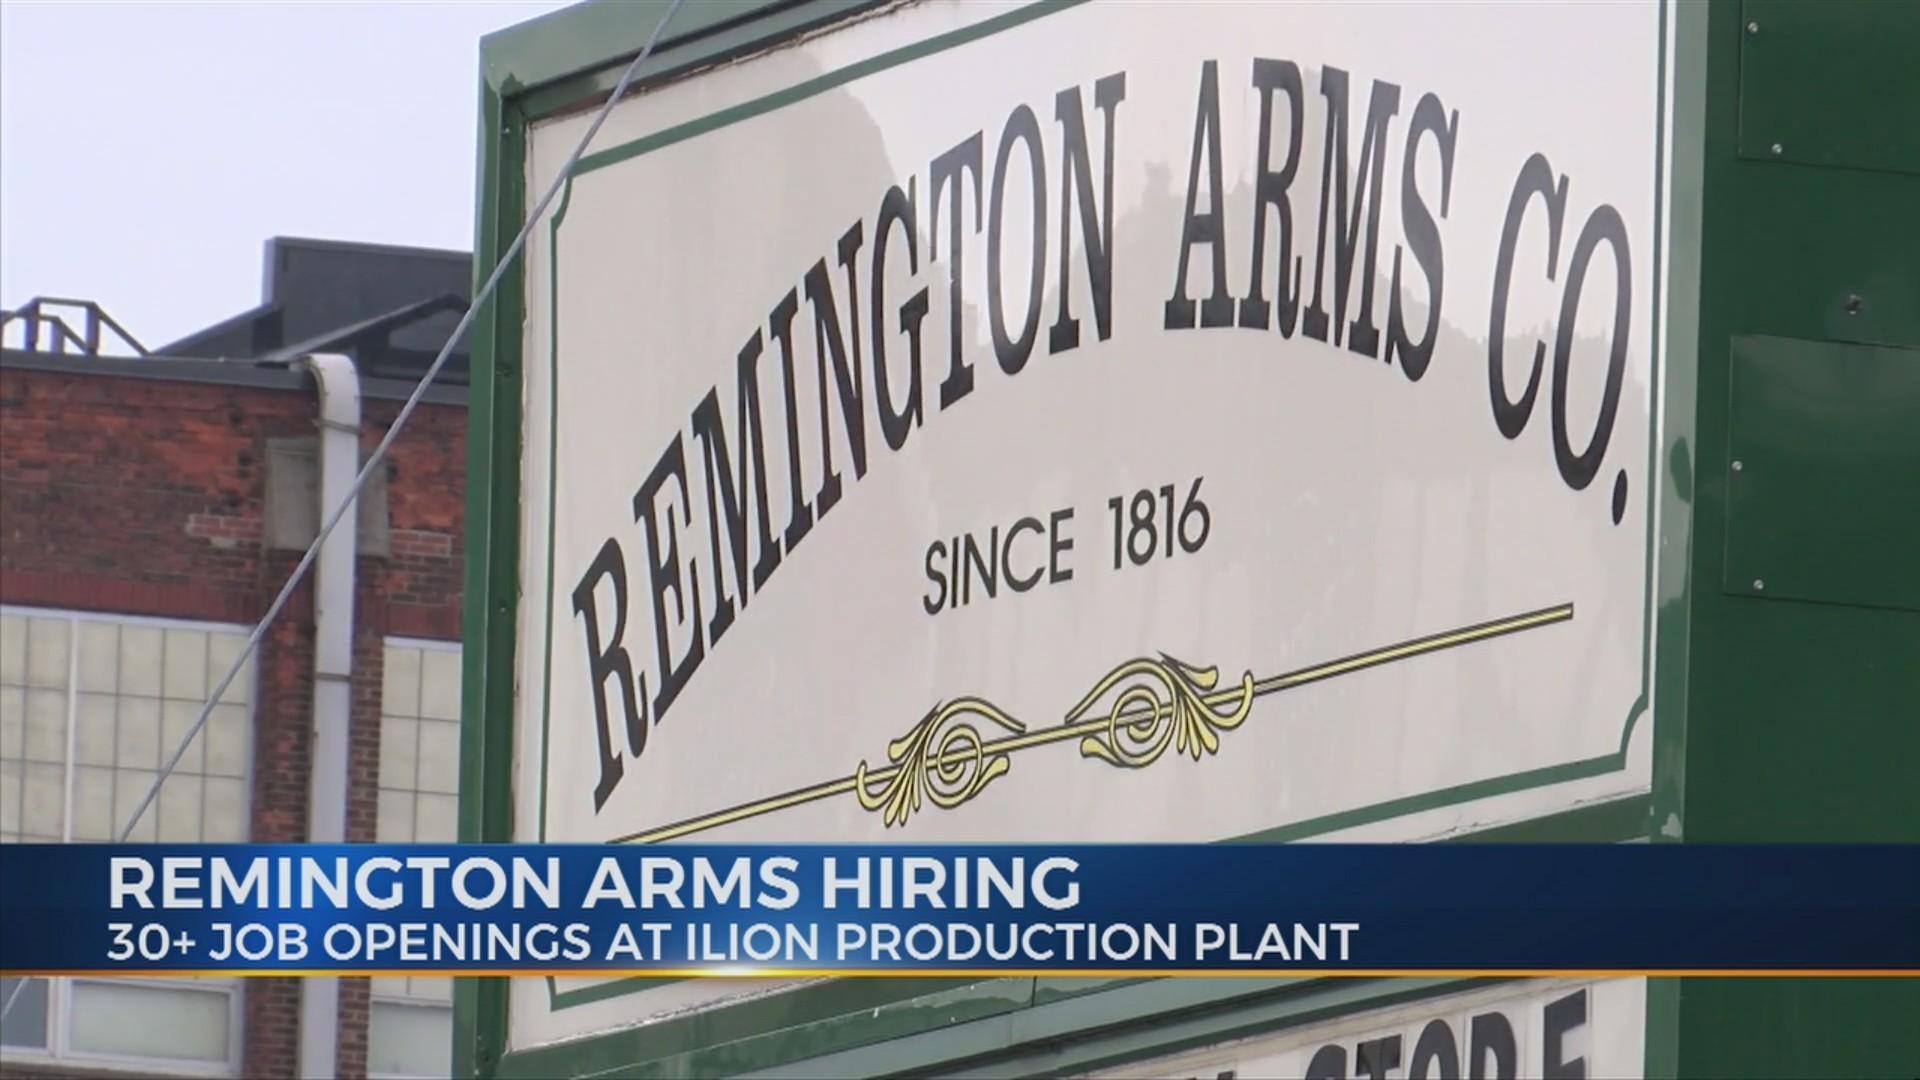 Remington_Arms_Hiring_9_20181205231948